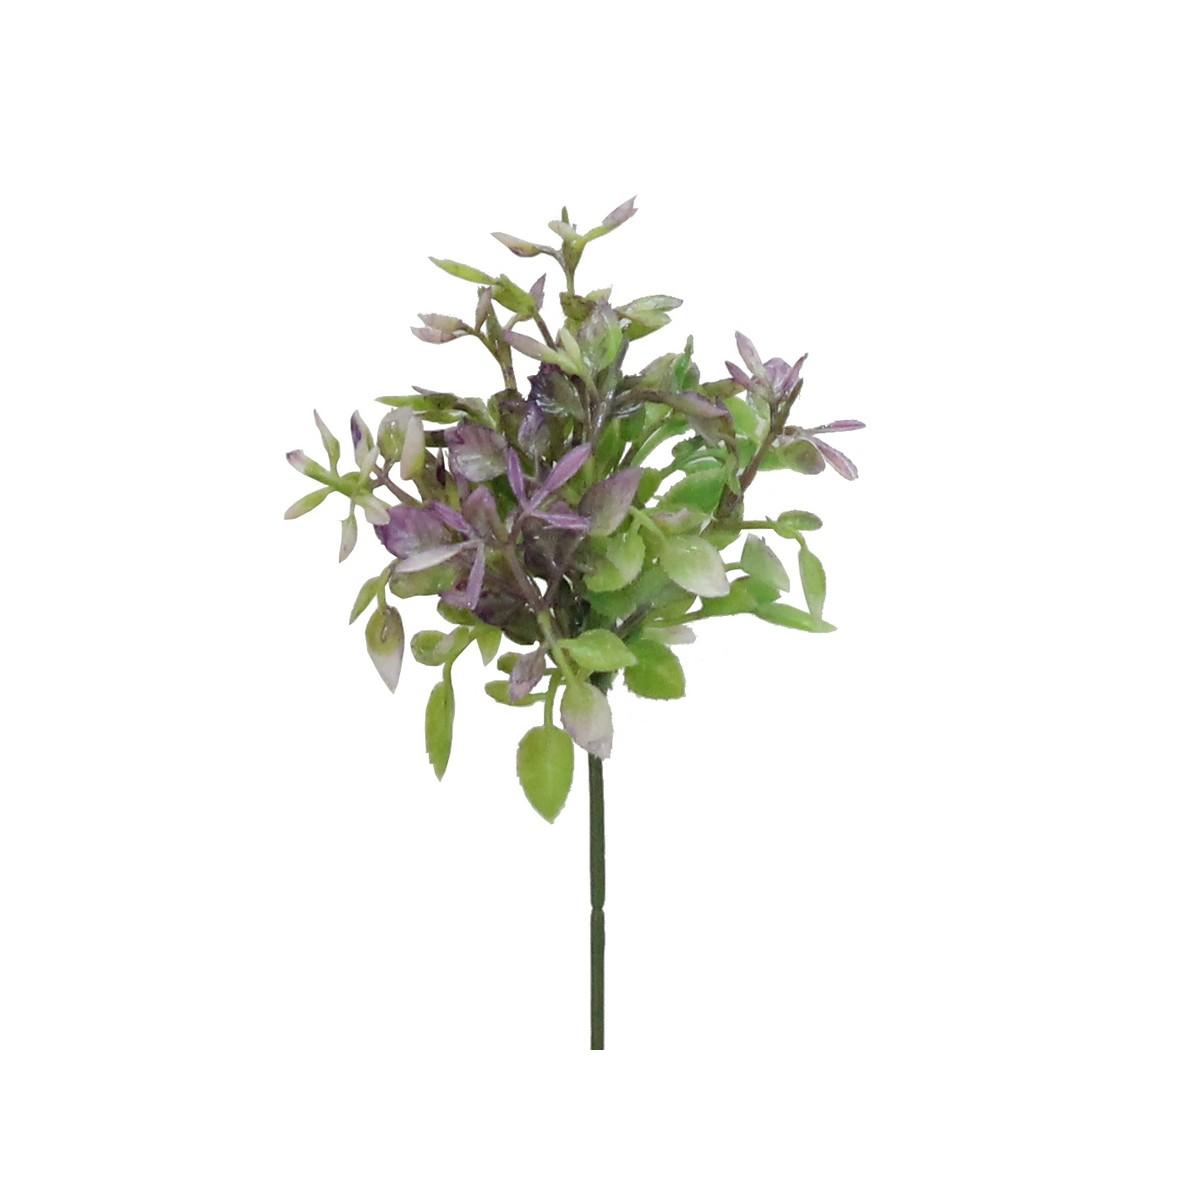 即日 【造花】パレ/ローズリーフピック グリーンパープル/P-8071-68《 造花(アーティフィシャルフラワー) 造花 花材「は行」 バラ 》